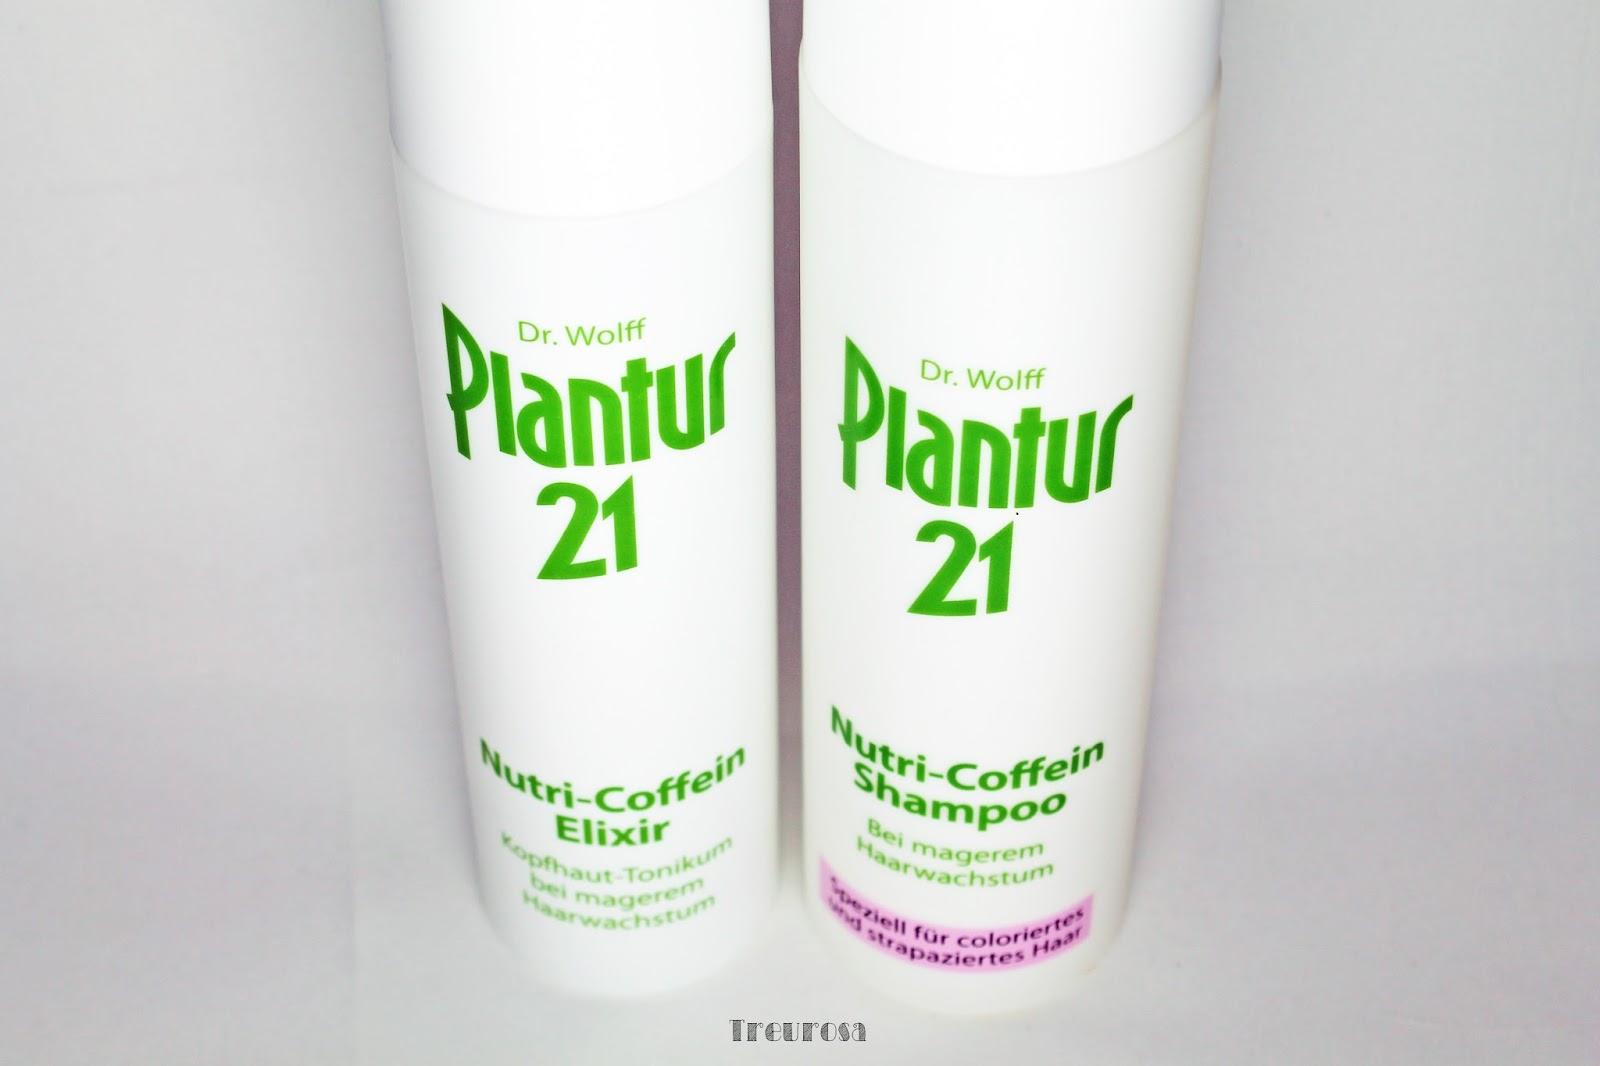 treurosa plantur 21 shampoo und elixier hilft s wirklich